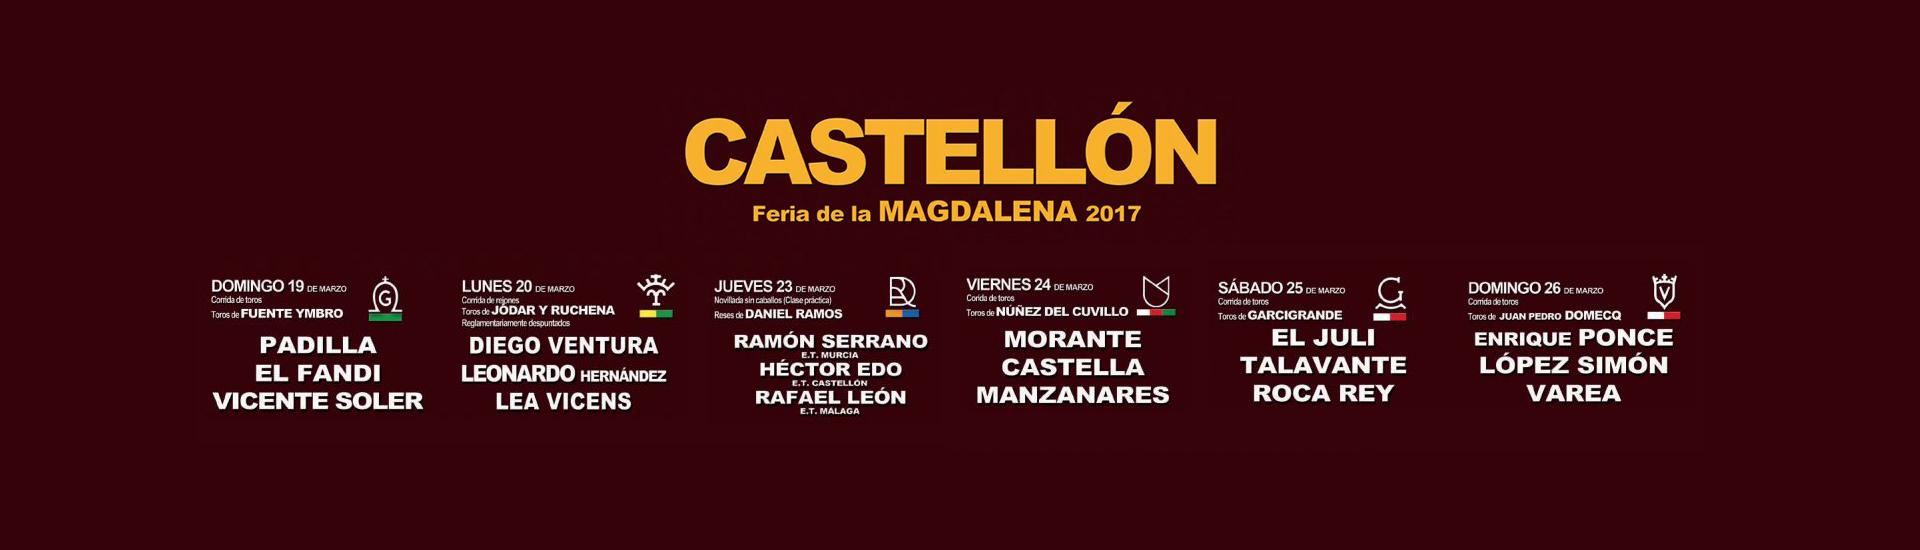 Corridas de toros de Magdalena 2017